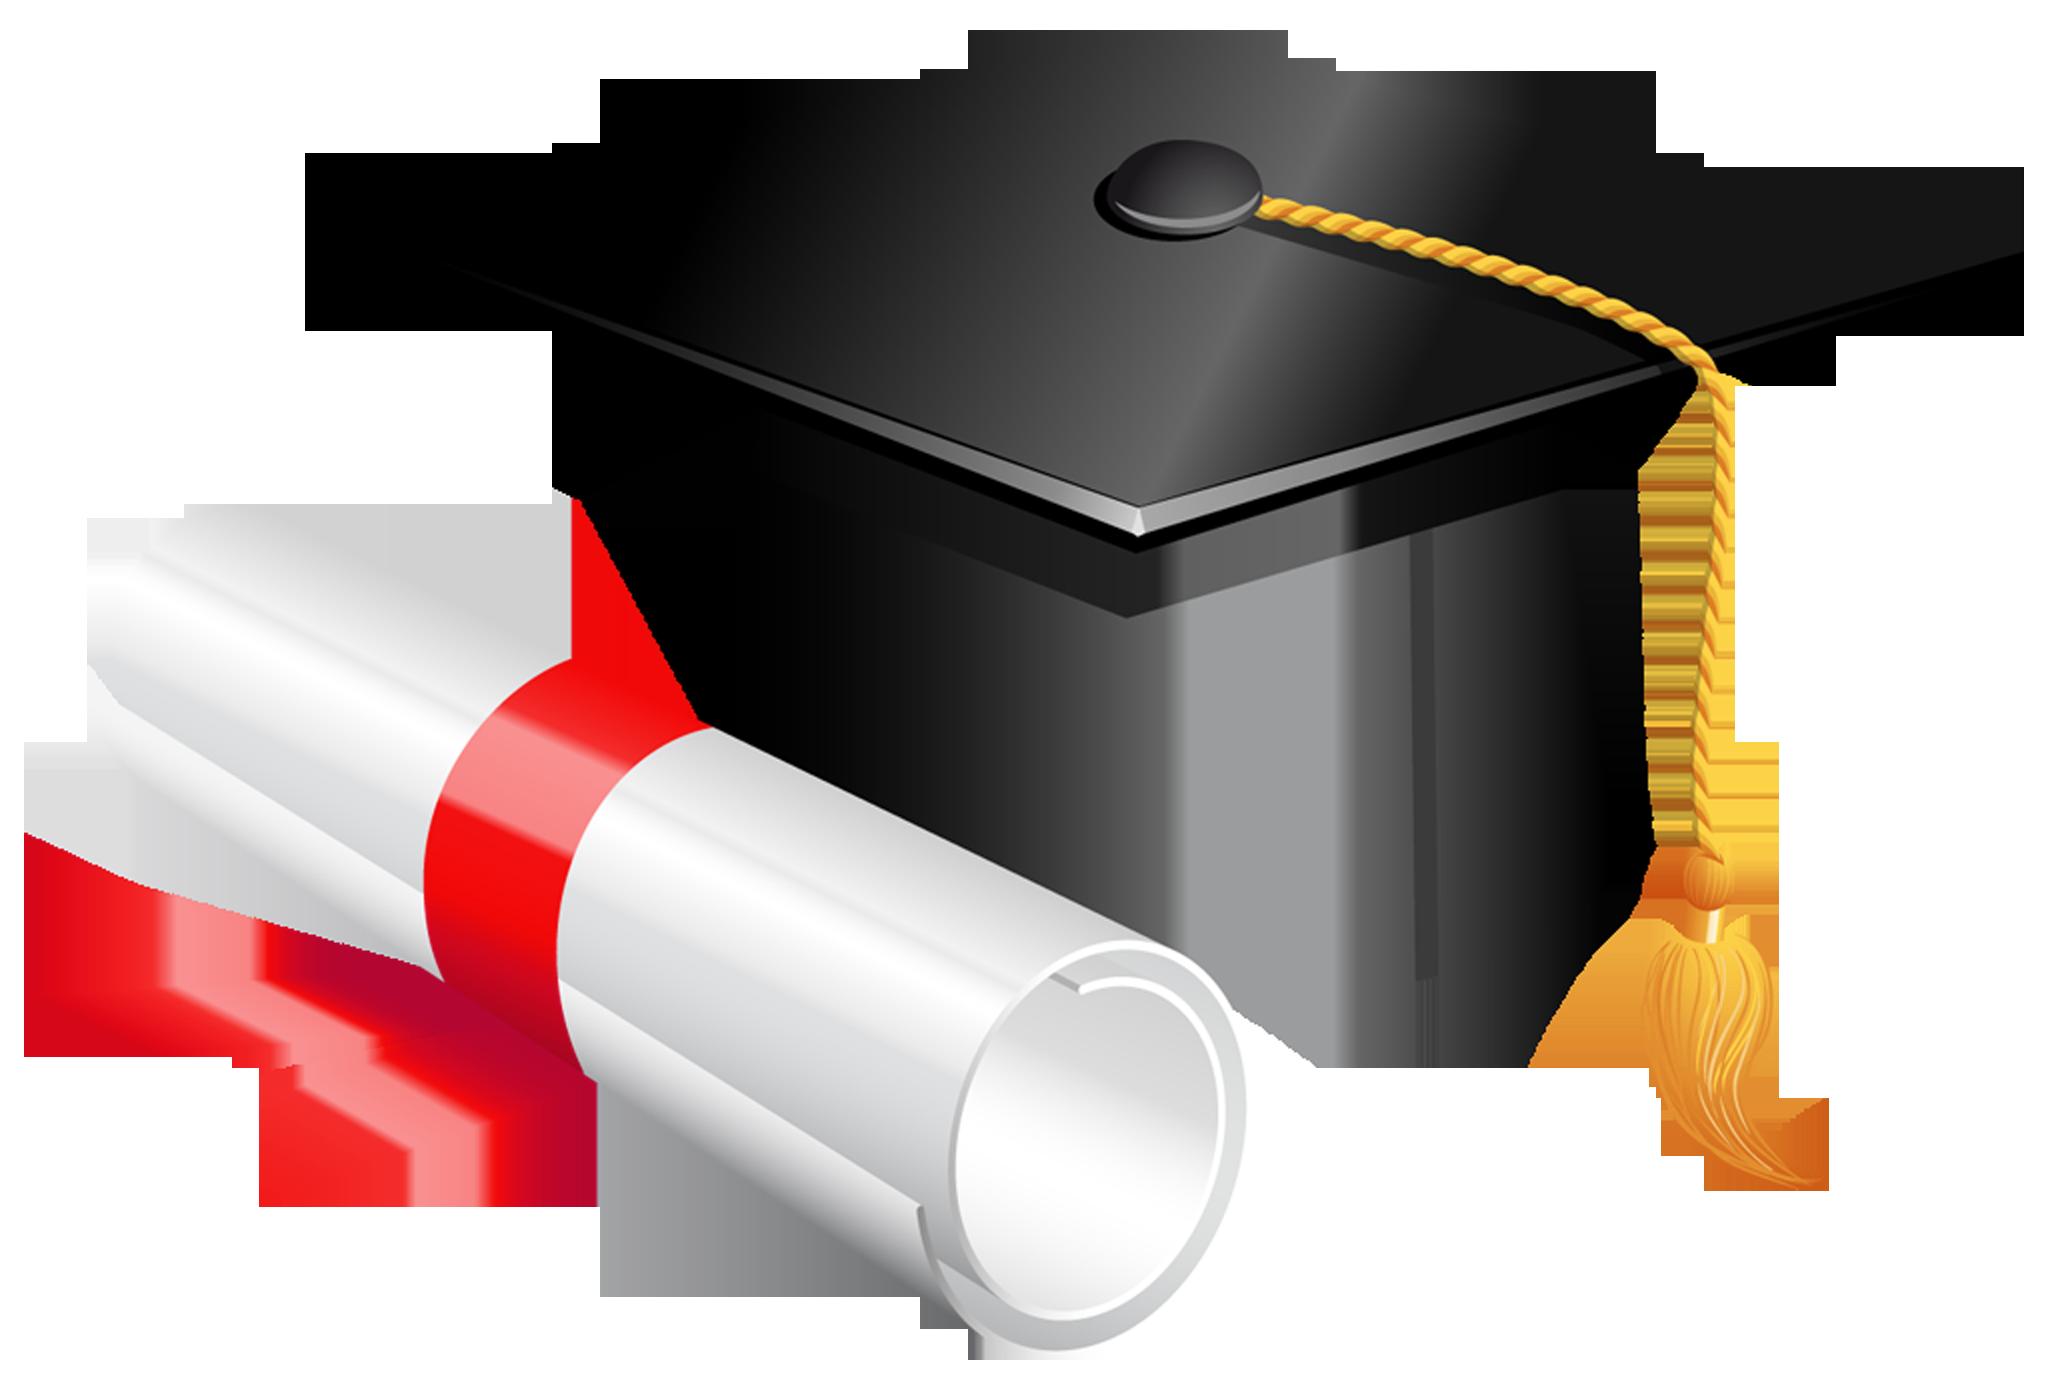 graduation hat images.